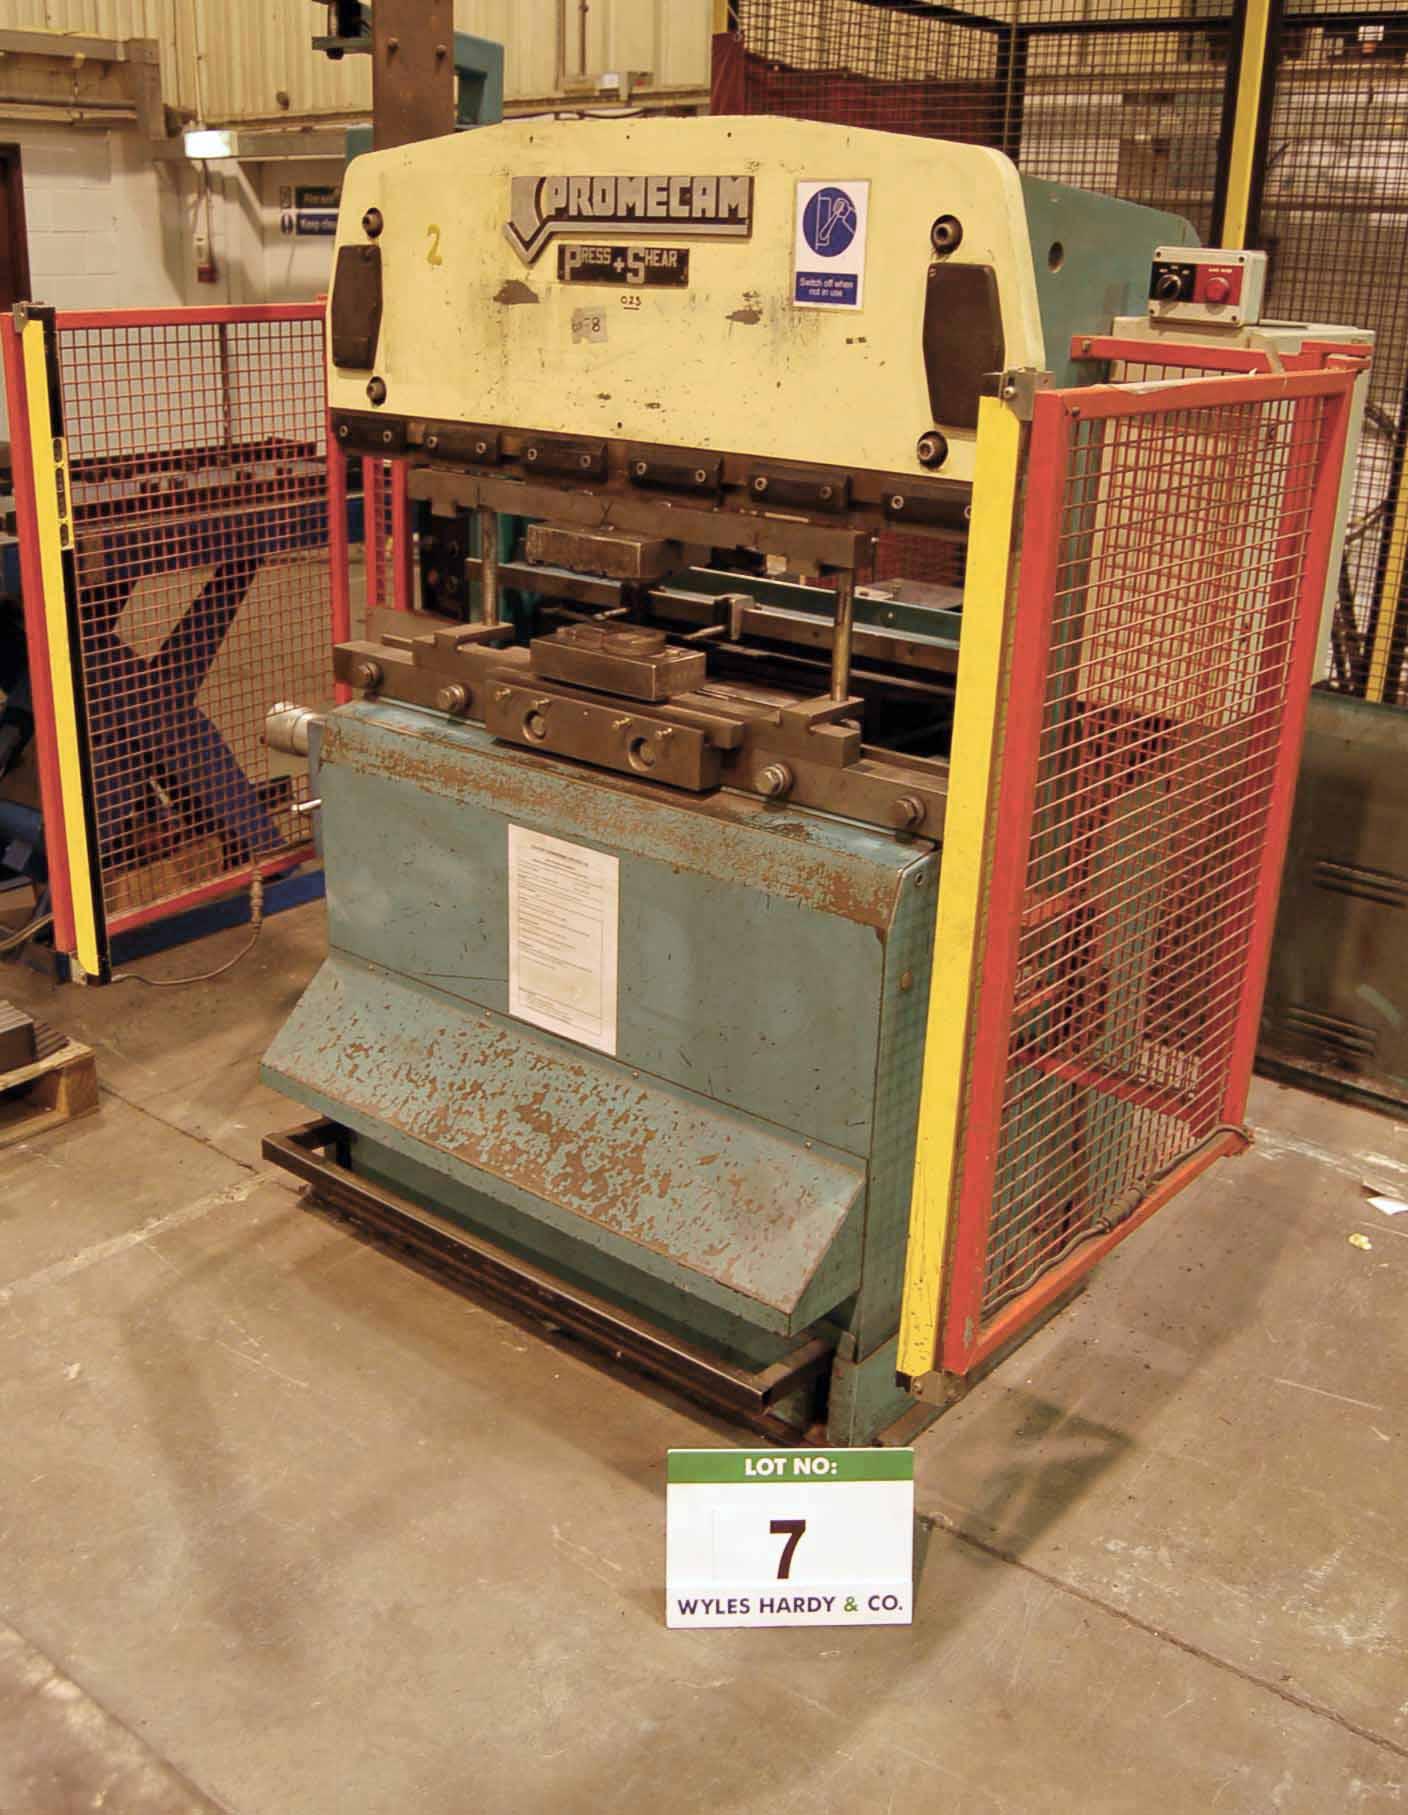 Lot 7 - A PROMECAM Model RG-25-12 NC Press Brake Serial No. 02-025-12-2176 (80071) 25-Ton x 1200mm, 2 inch